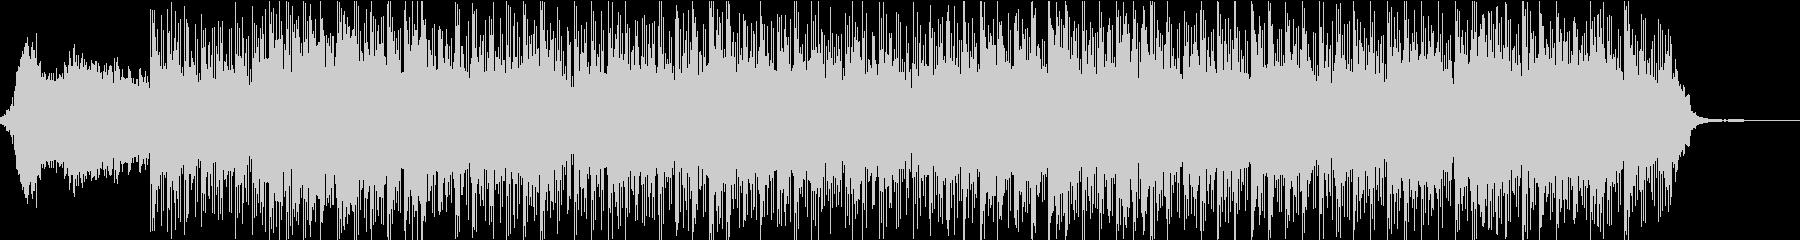 爽やかなブレイクビーツ 癒しの周波数の未再生の波形